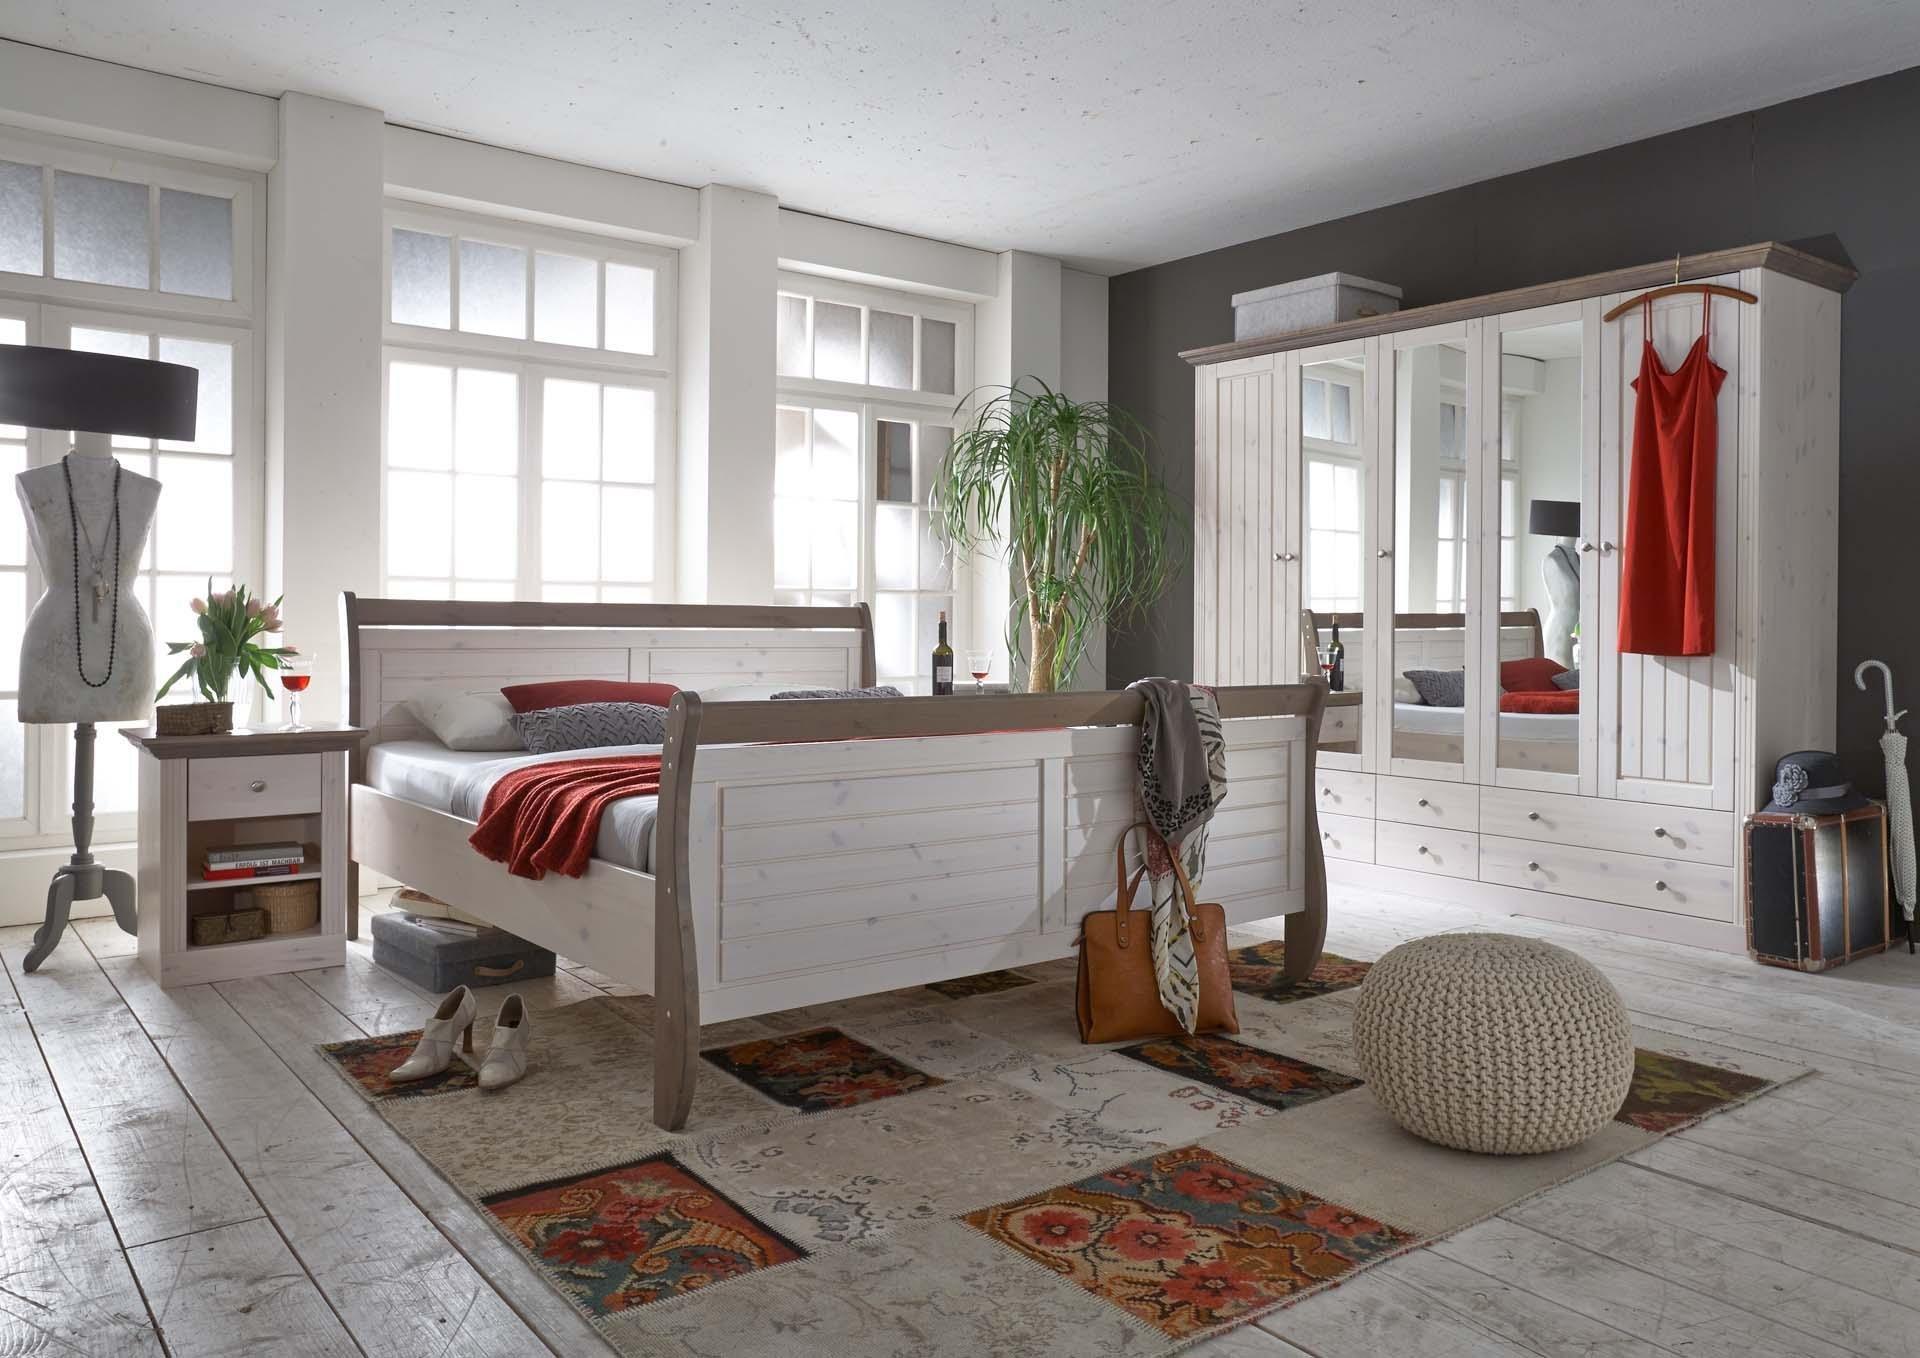 steens monaco schlafzimmer kiefer massiv 3 teiliges set bett 180x200 cm kleiderschrank und. Black Bedroom Furniture Sets. Home Design Ideas